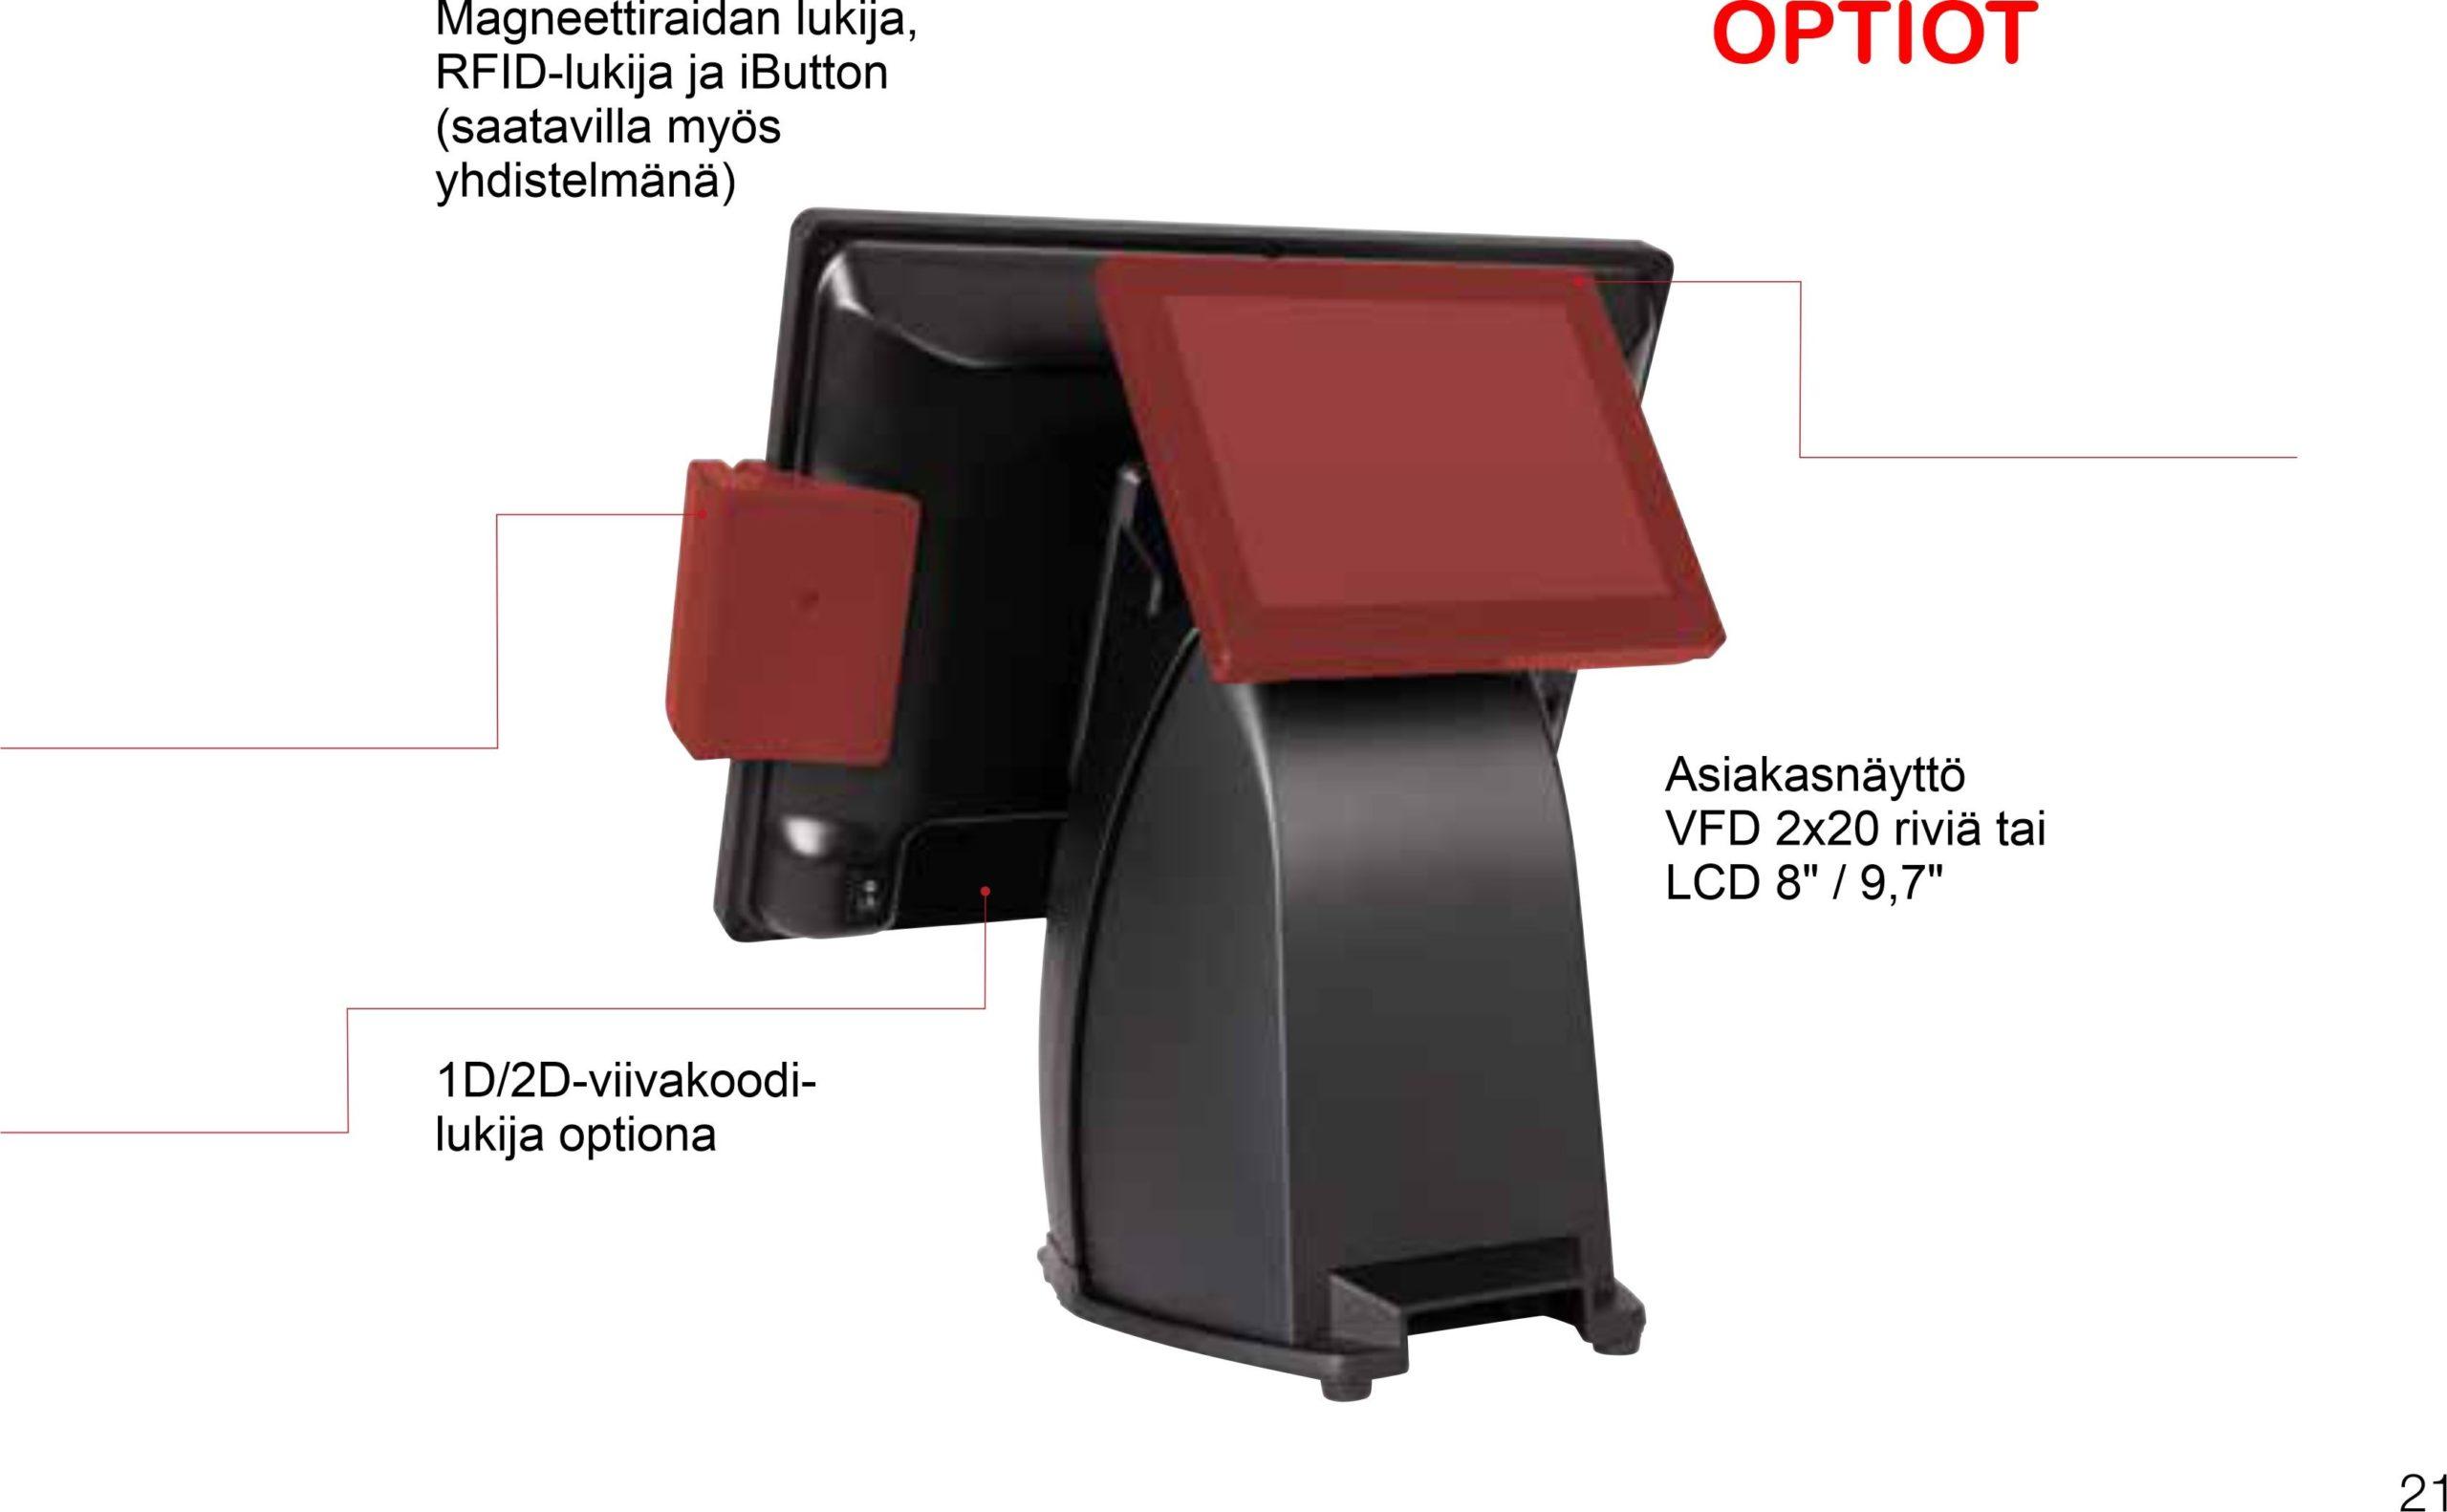 15-tuumaisella kosketusnäytöllä käyttö on helppoa ja neliydinprosessori sekä SSD-kovalevy takaavat sujuvan käytön. Sisäänrakennettu kuittikirjoittin tulostaa kuitin nopeasti ja säästät pöytätilaa kun et tarvitse erillistä kuittitulostinta.